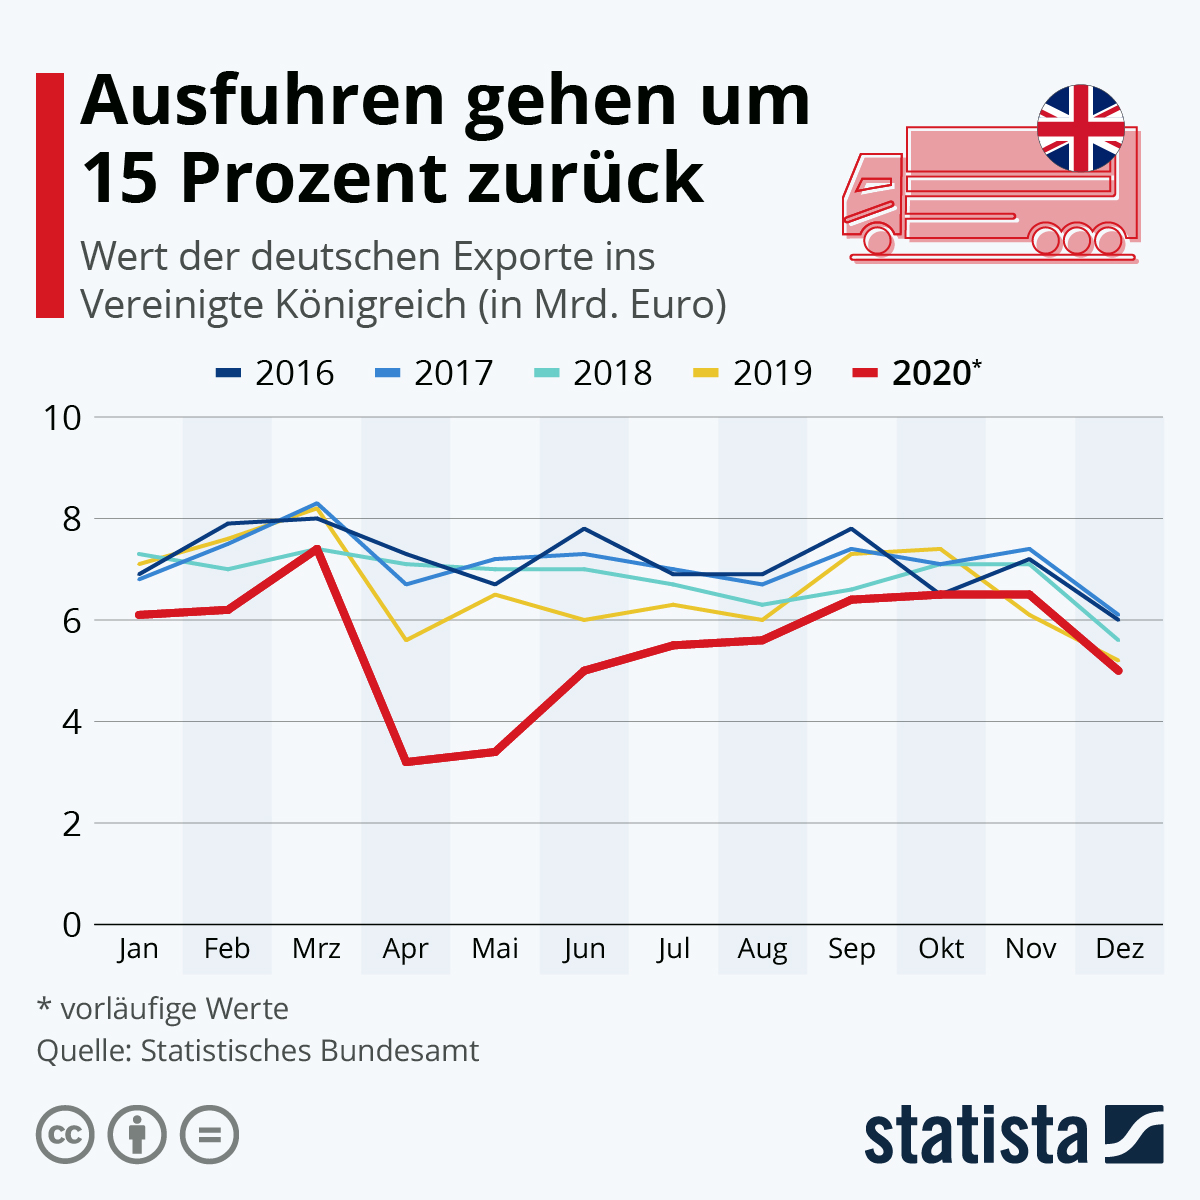 Infografik: Ausfuhren gehen um 16 Prozent zurück | Statista